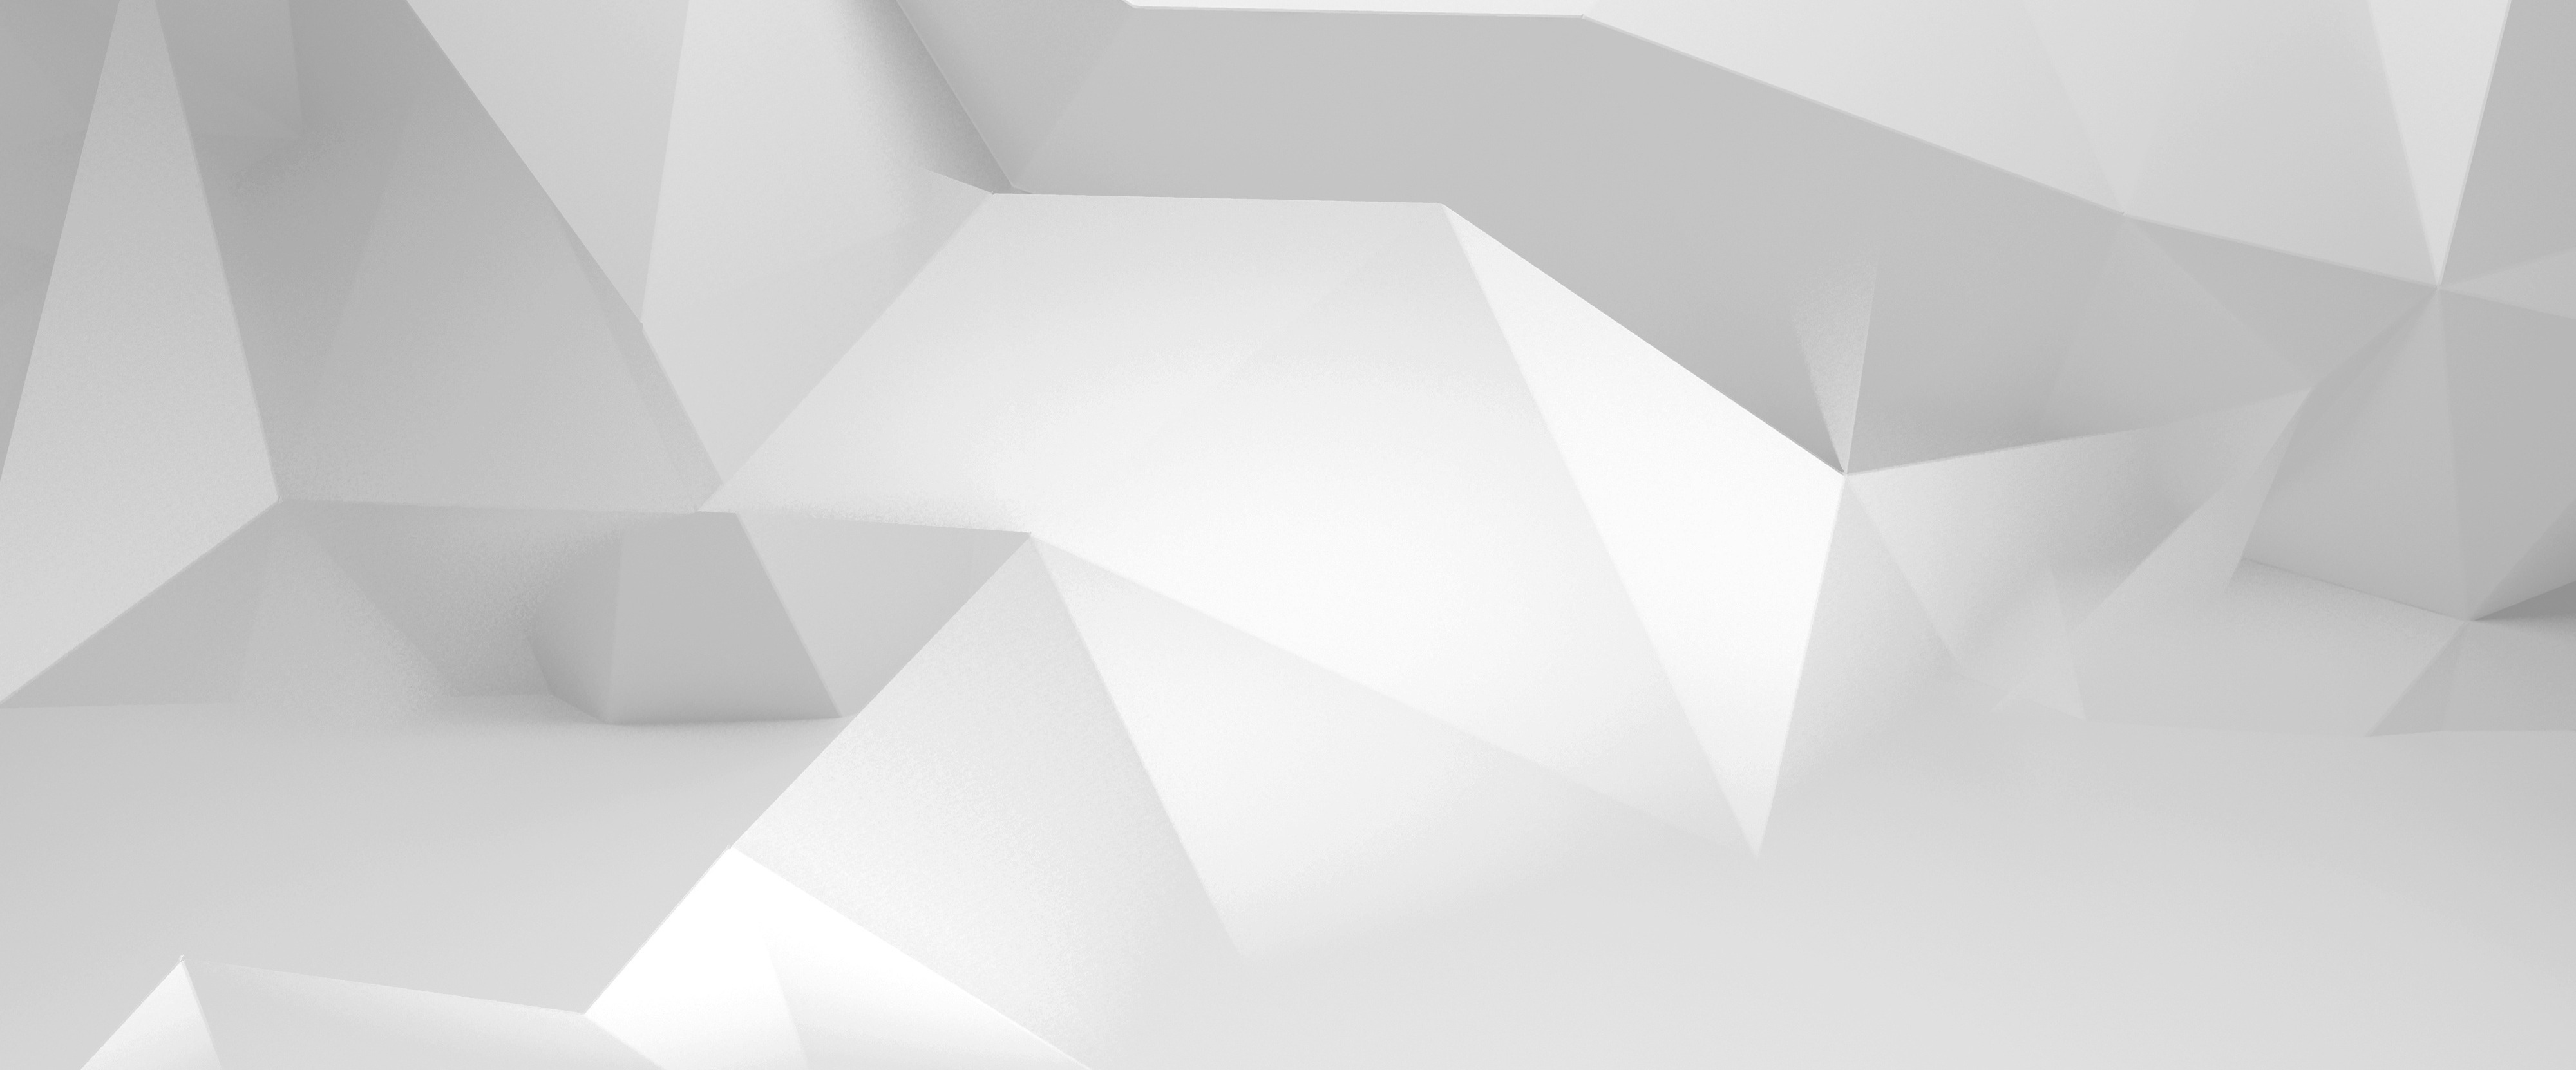 /Maleta de viaje Luggage gopu mchy Color Rosa torre Eiffel 3d impresa Cover gep/äckabdeckung malet/ín protectora para equipaje de viaje cubre funda malet/ín funda protectora malet/ín para equipaje Cover/